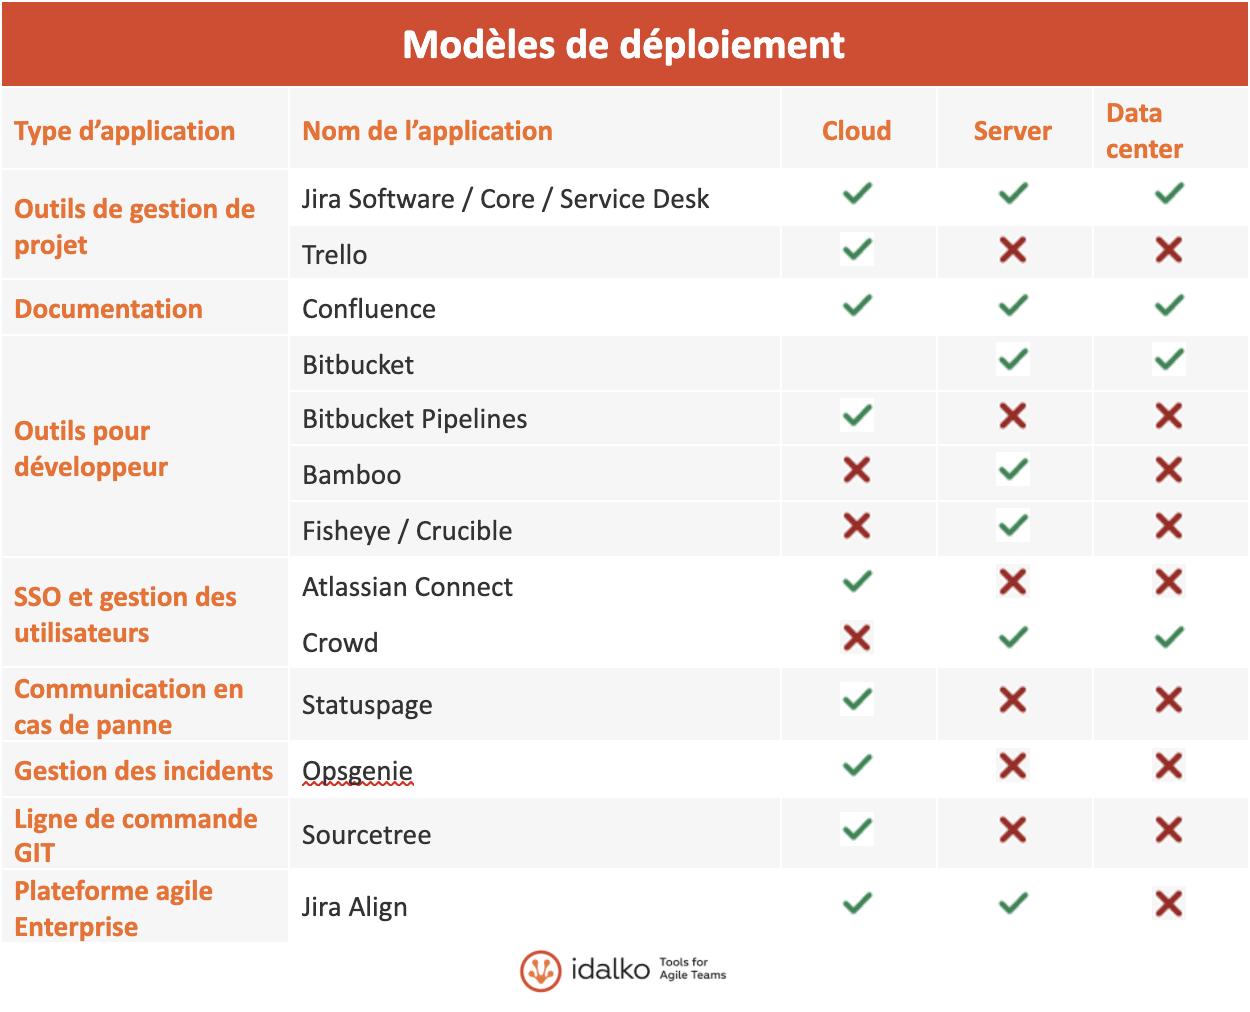 modèles de déploiement Atlassian